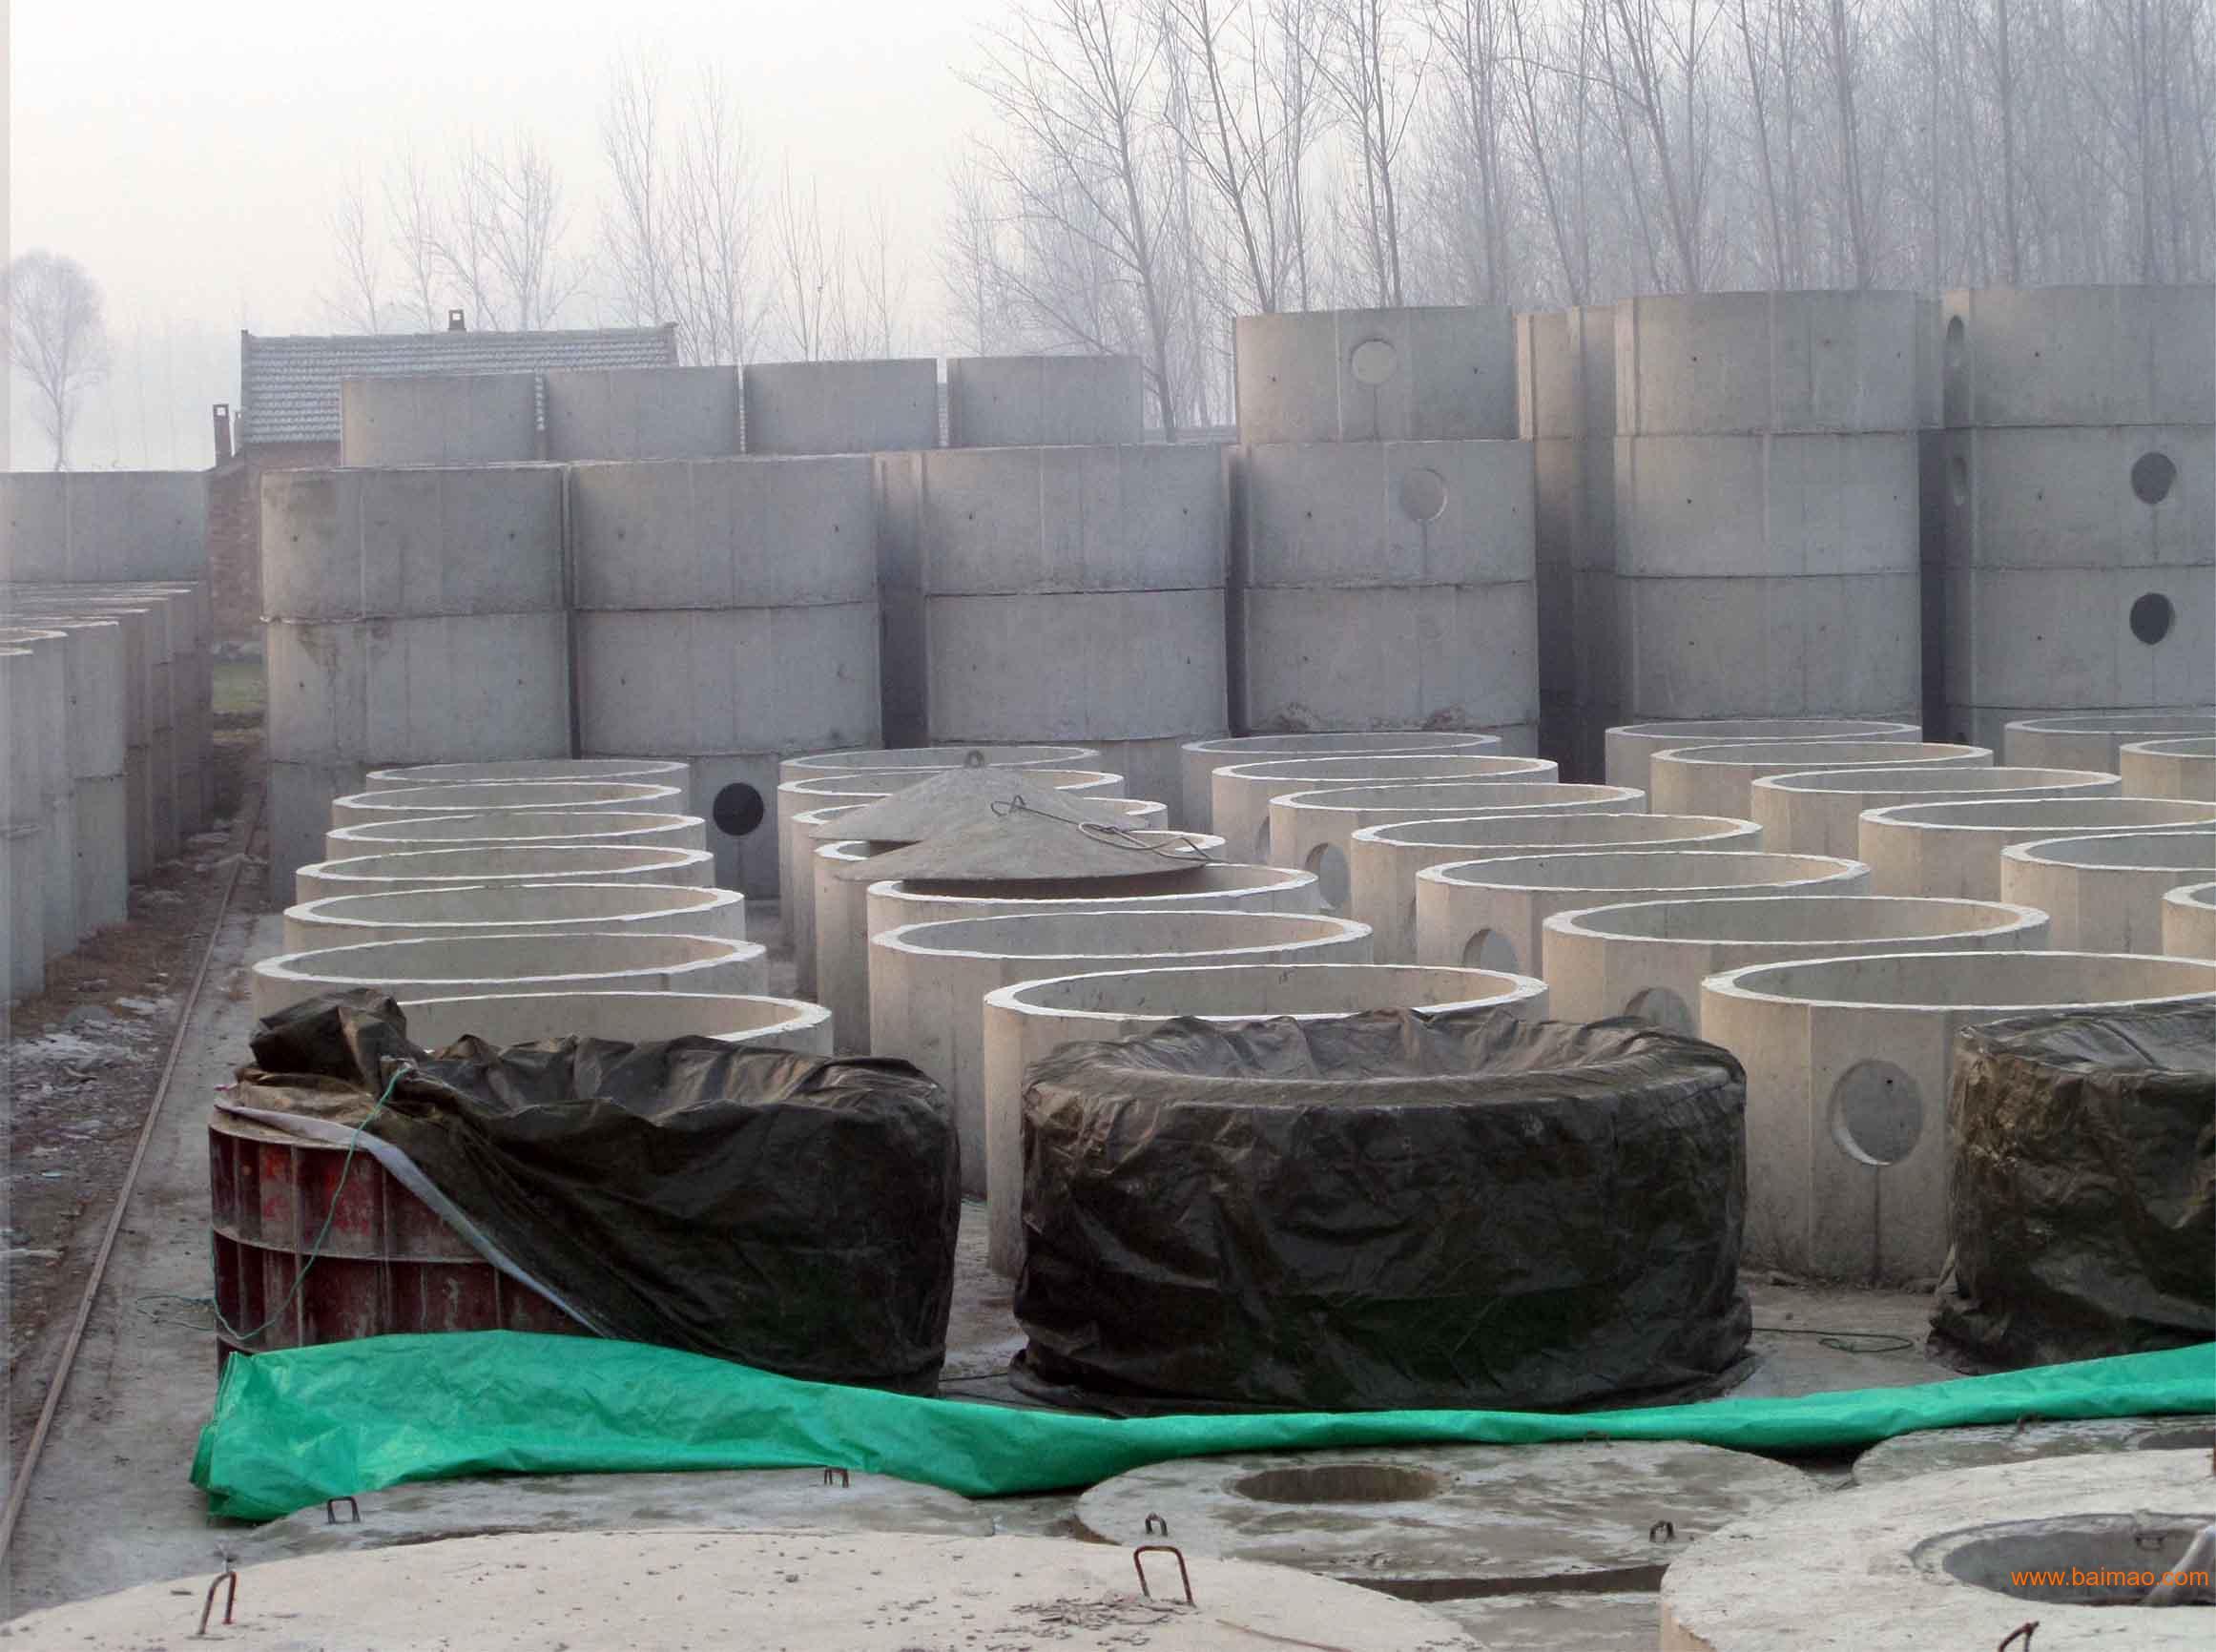 钢筋混凝土化粪池标准图集03s702图片下载 钢筋混凝土化粪